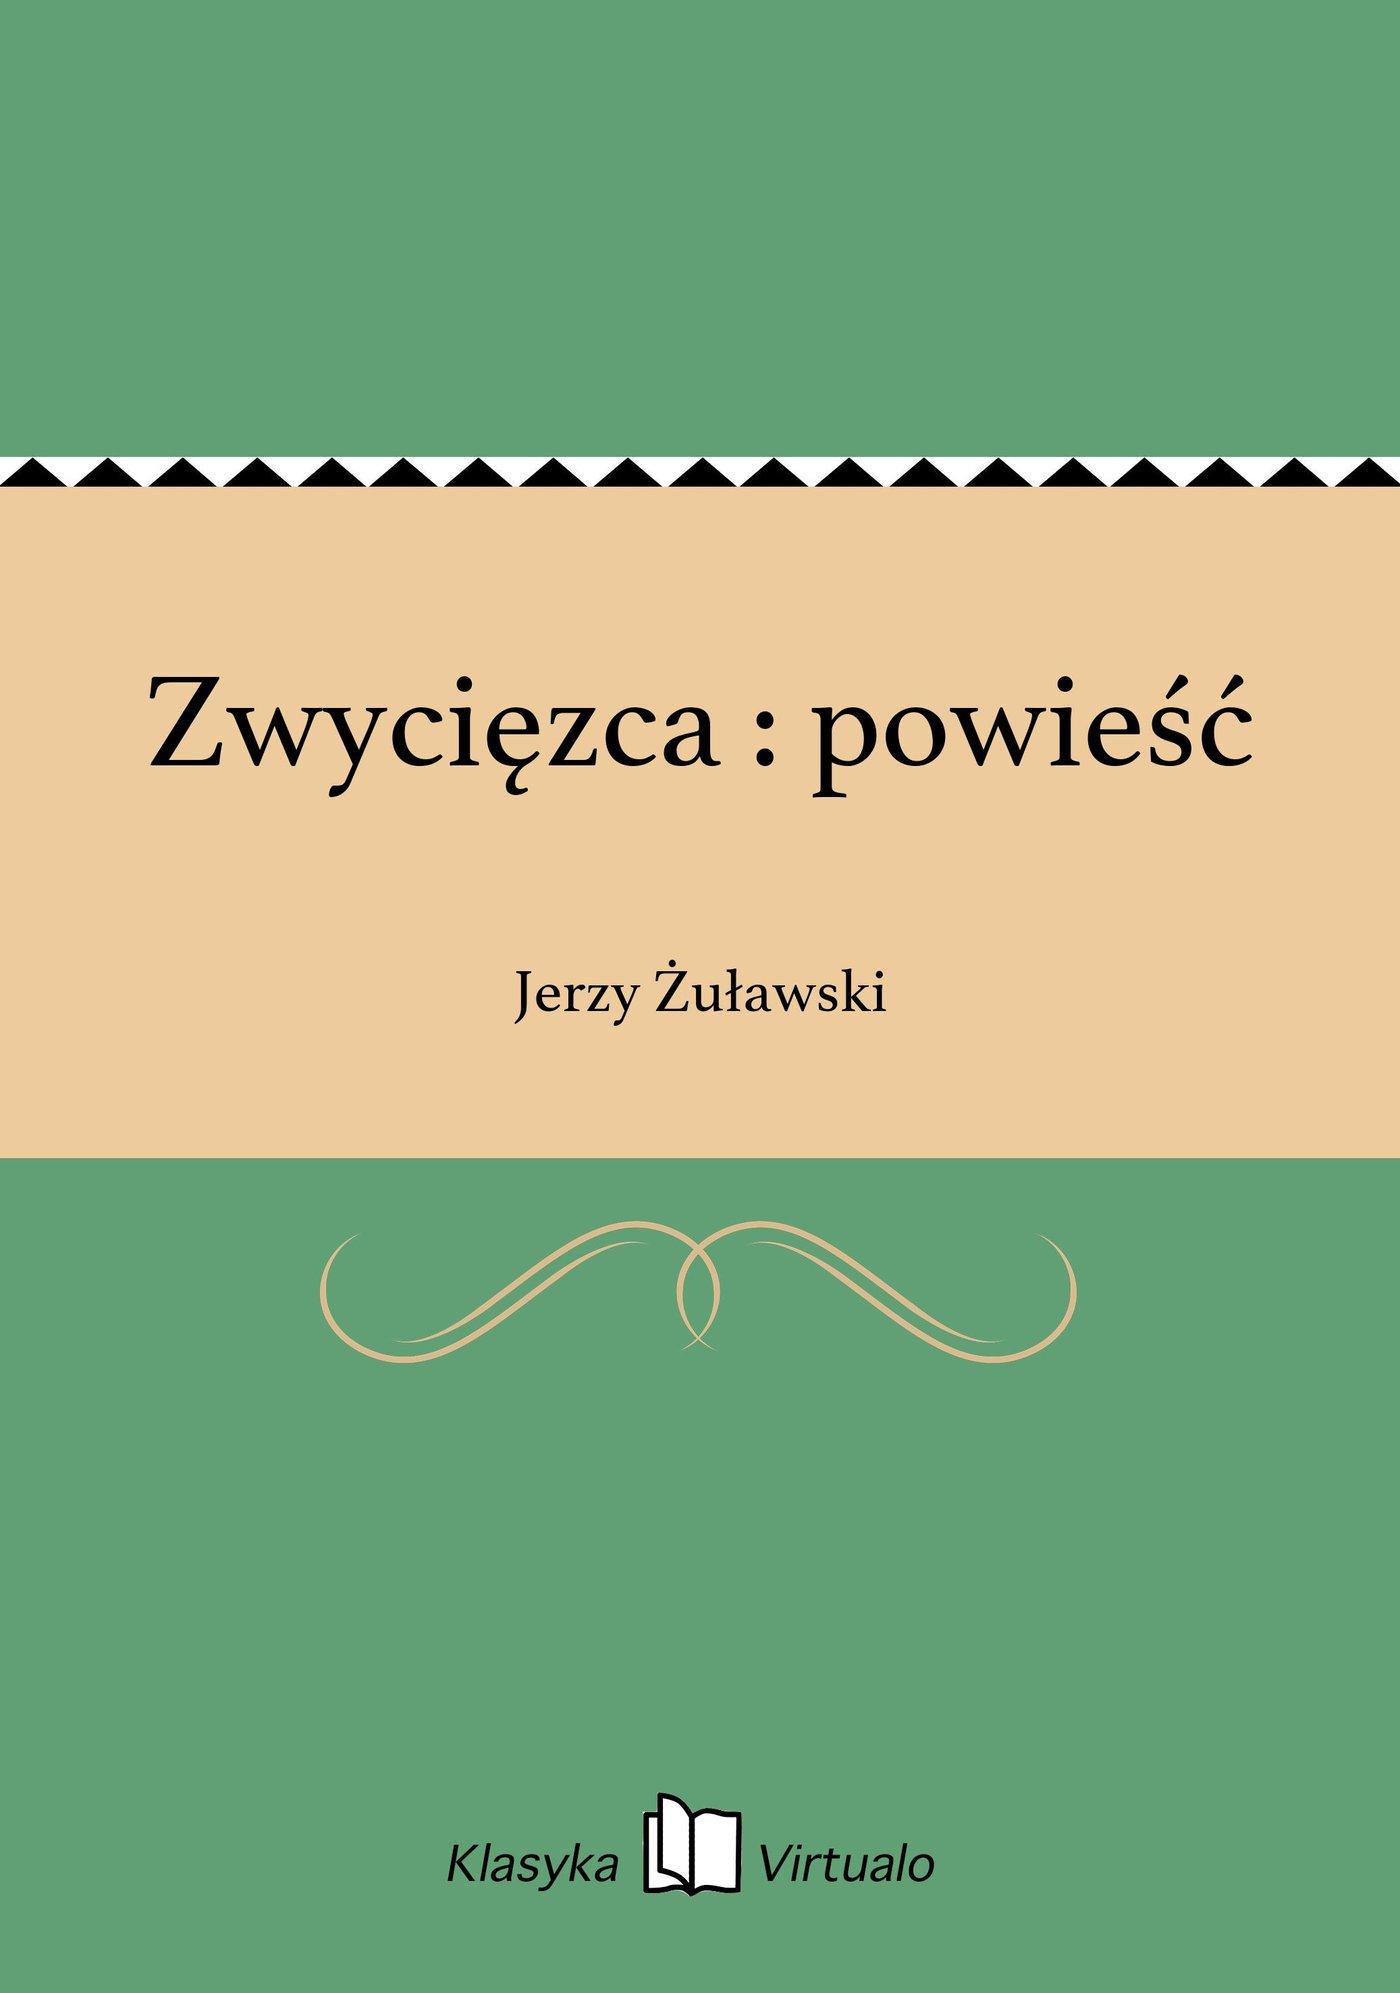 Zwycięzca : powieść - Ebook (Książka EPUB) do pobrania w formacie EPUB